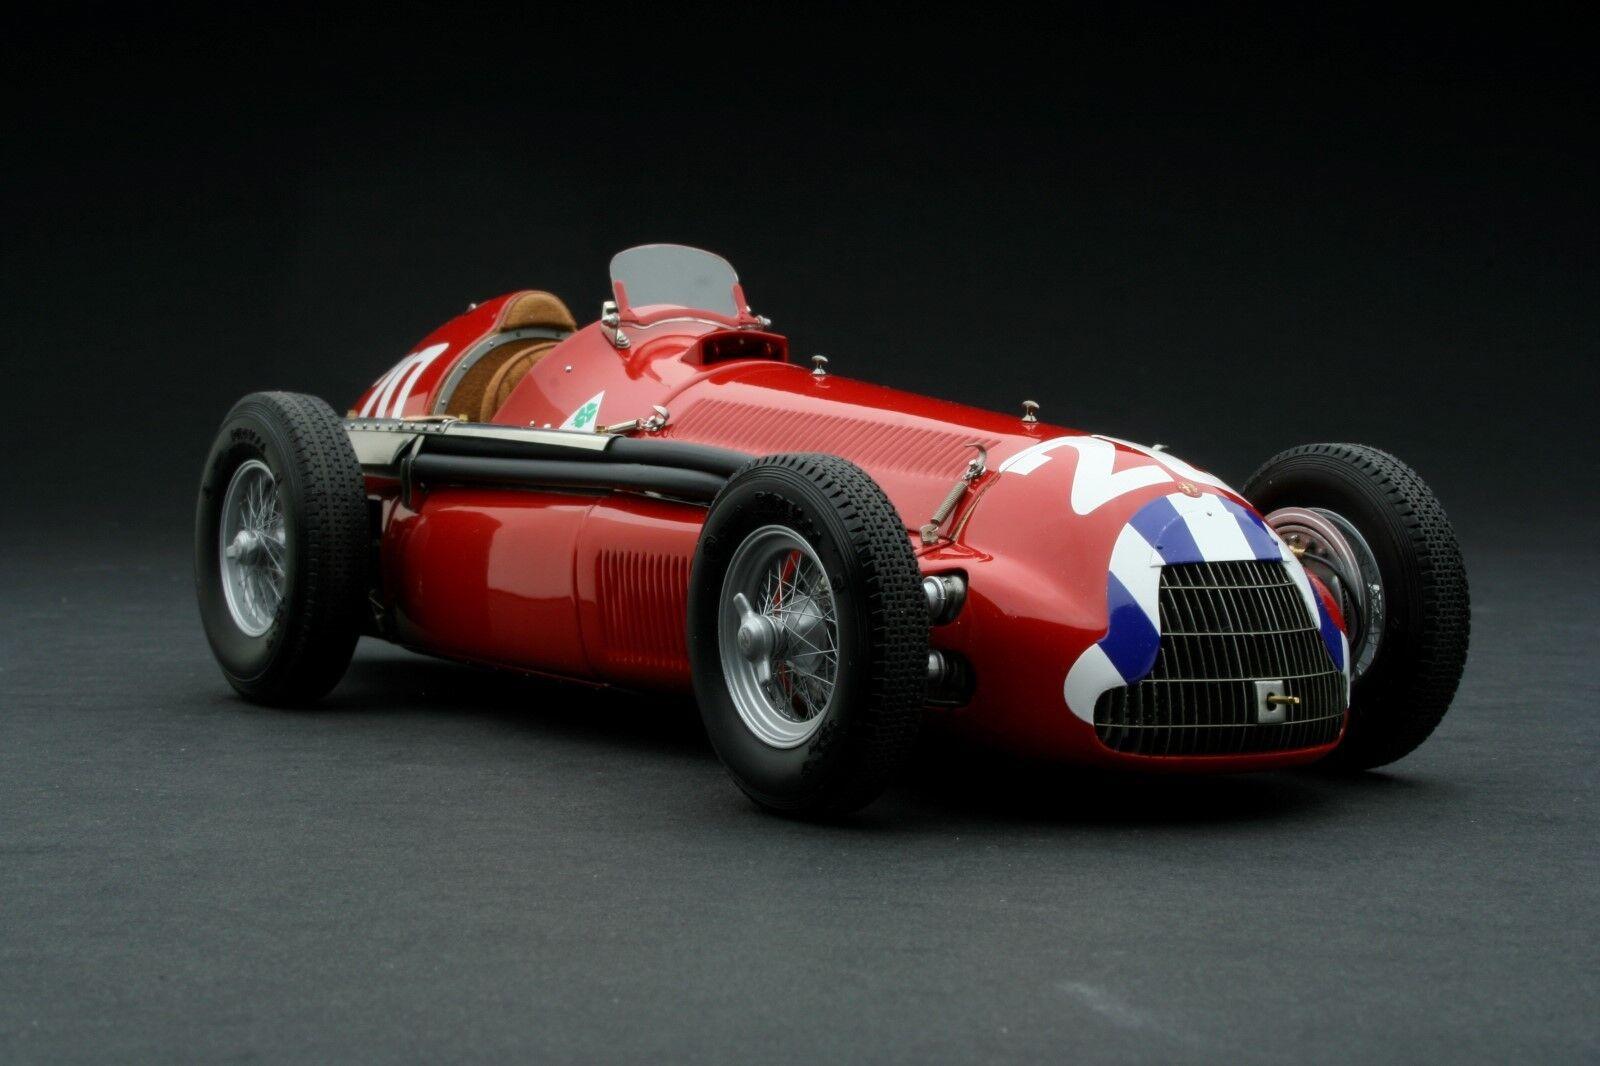 autentico en linea Exoto XS   1 1 1 18   1951 Alfa Romeo Alfetta 159 M   Nino Giuseppe Farina  en linea